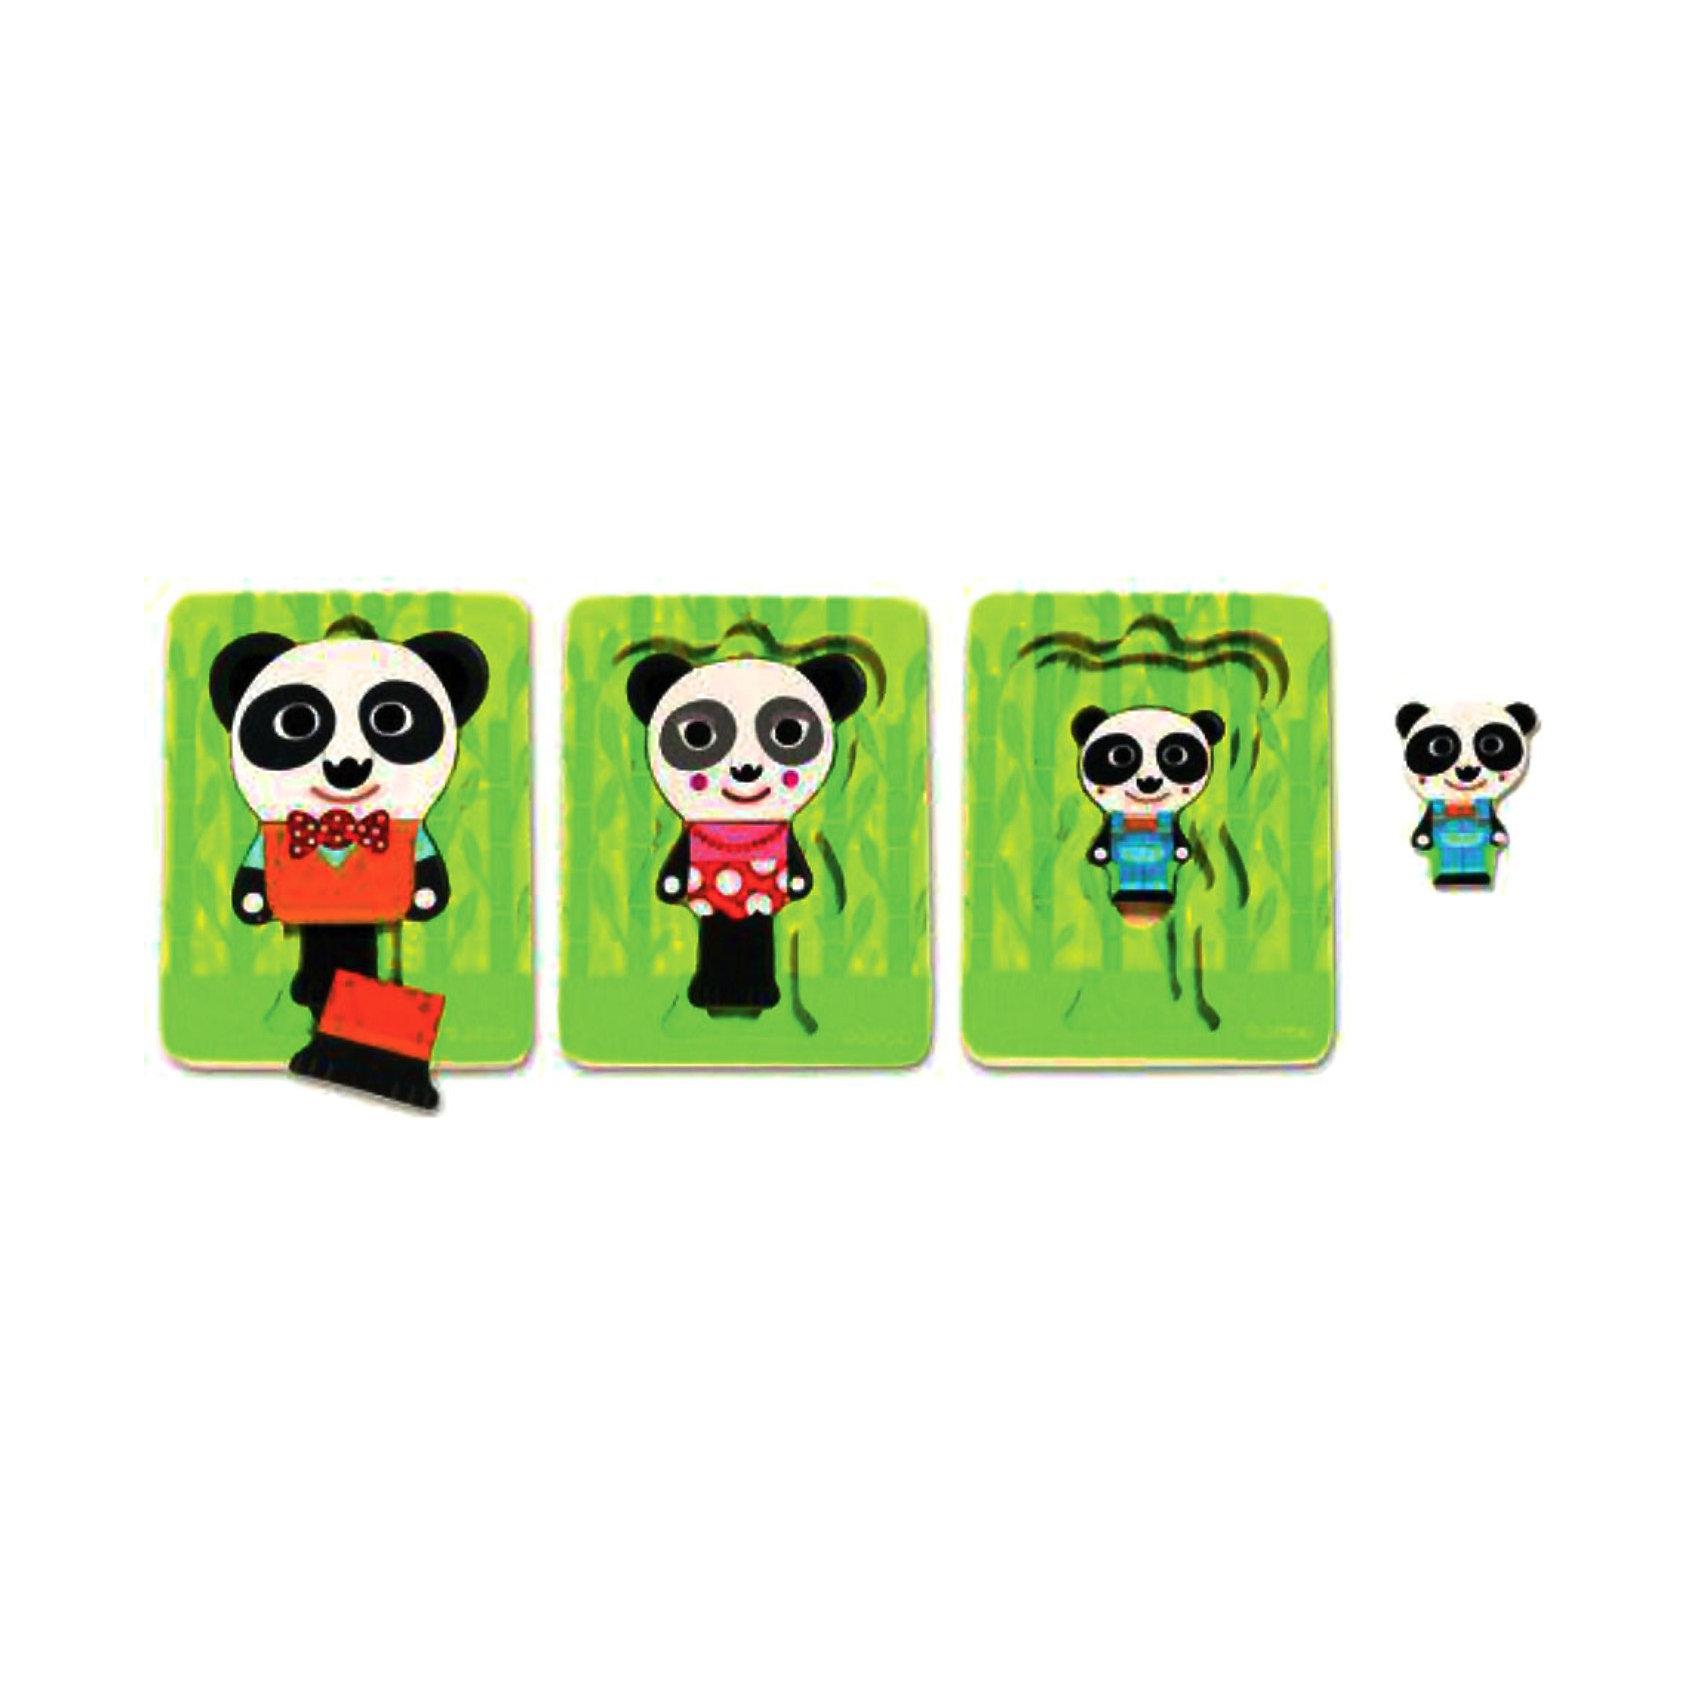 Трехслойный пазл Панда,  DJECOМногослойные пазлы сейчас очень популярны! Ведь сочетают в себе и увлекательную игру и пользу пазла. Малышу всегда интересно добраться до картинки, которая расположена в самом низу. Представляем Вашему вниманию деревянный трехслойный пазл Панда, который познакомит малыша с семьей очаровательных панд. Покажите малышу, как сопоставлять цвета и формы и он с радостью будет собирать маленькую семью снова и снова. В процессе игры ребенок может поиграть с пандой и его семьей, познакомиться с понятиями больше - меньше, дальше - ближе. Пазл полностью выполнен из натурального дерева, все его детали гладкие и яркие, поэтому он очень хорошо подойдет начинающим любителям пазлов. Трехслойный пазл Панда стимулирует развитие пространственного, творческого мышления и дарит прекрасное настроение всей семье!<br><br>Дополнительная информация:<br><br>- Многослойный пазл из натурального дерева;<br>- Прекрасный тренажер для моторных навыков, логического мышления, внимания;<br>- Подходит для первого знакомства с пазлами;<br>- Три слоя;<br>- Яркие цвета, безопасные краски;<br>- Продается в коробочке удобной для хранения;<br>- Размер пазла: 11 х 16 х 2 см;<br>- Вес: 200 г<br><br>Трехслойный пазл Панда DJECO (Джеко) можно купить в нашем интернет-магазине.<br><br>Ширина мм: 110<br>Глубина мм: 150<br>Высота мм: 25<br>Вес г: 500<br>Возраст от месяцев: 12<br>Возраст до месяцев: 36<br>Пол: Унисекс<br>Возраст: Детский<br>SKU: 3778400